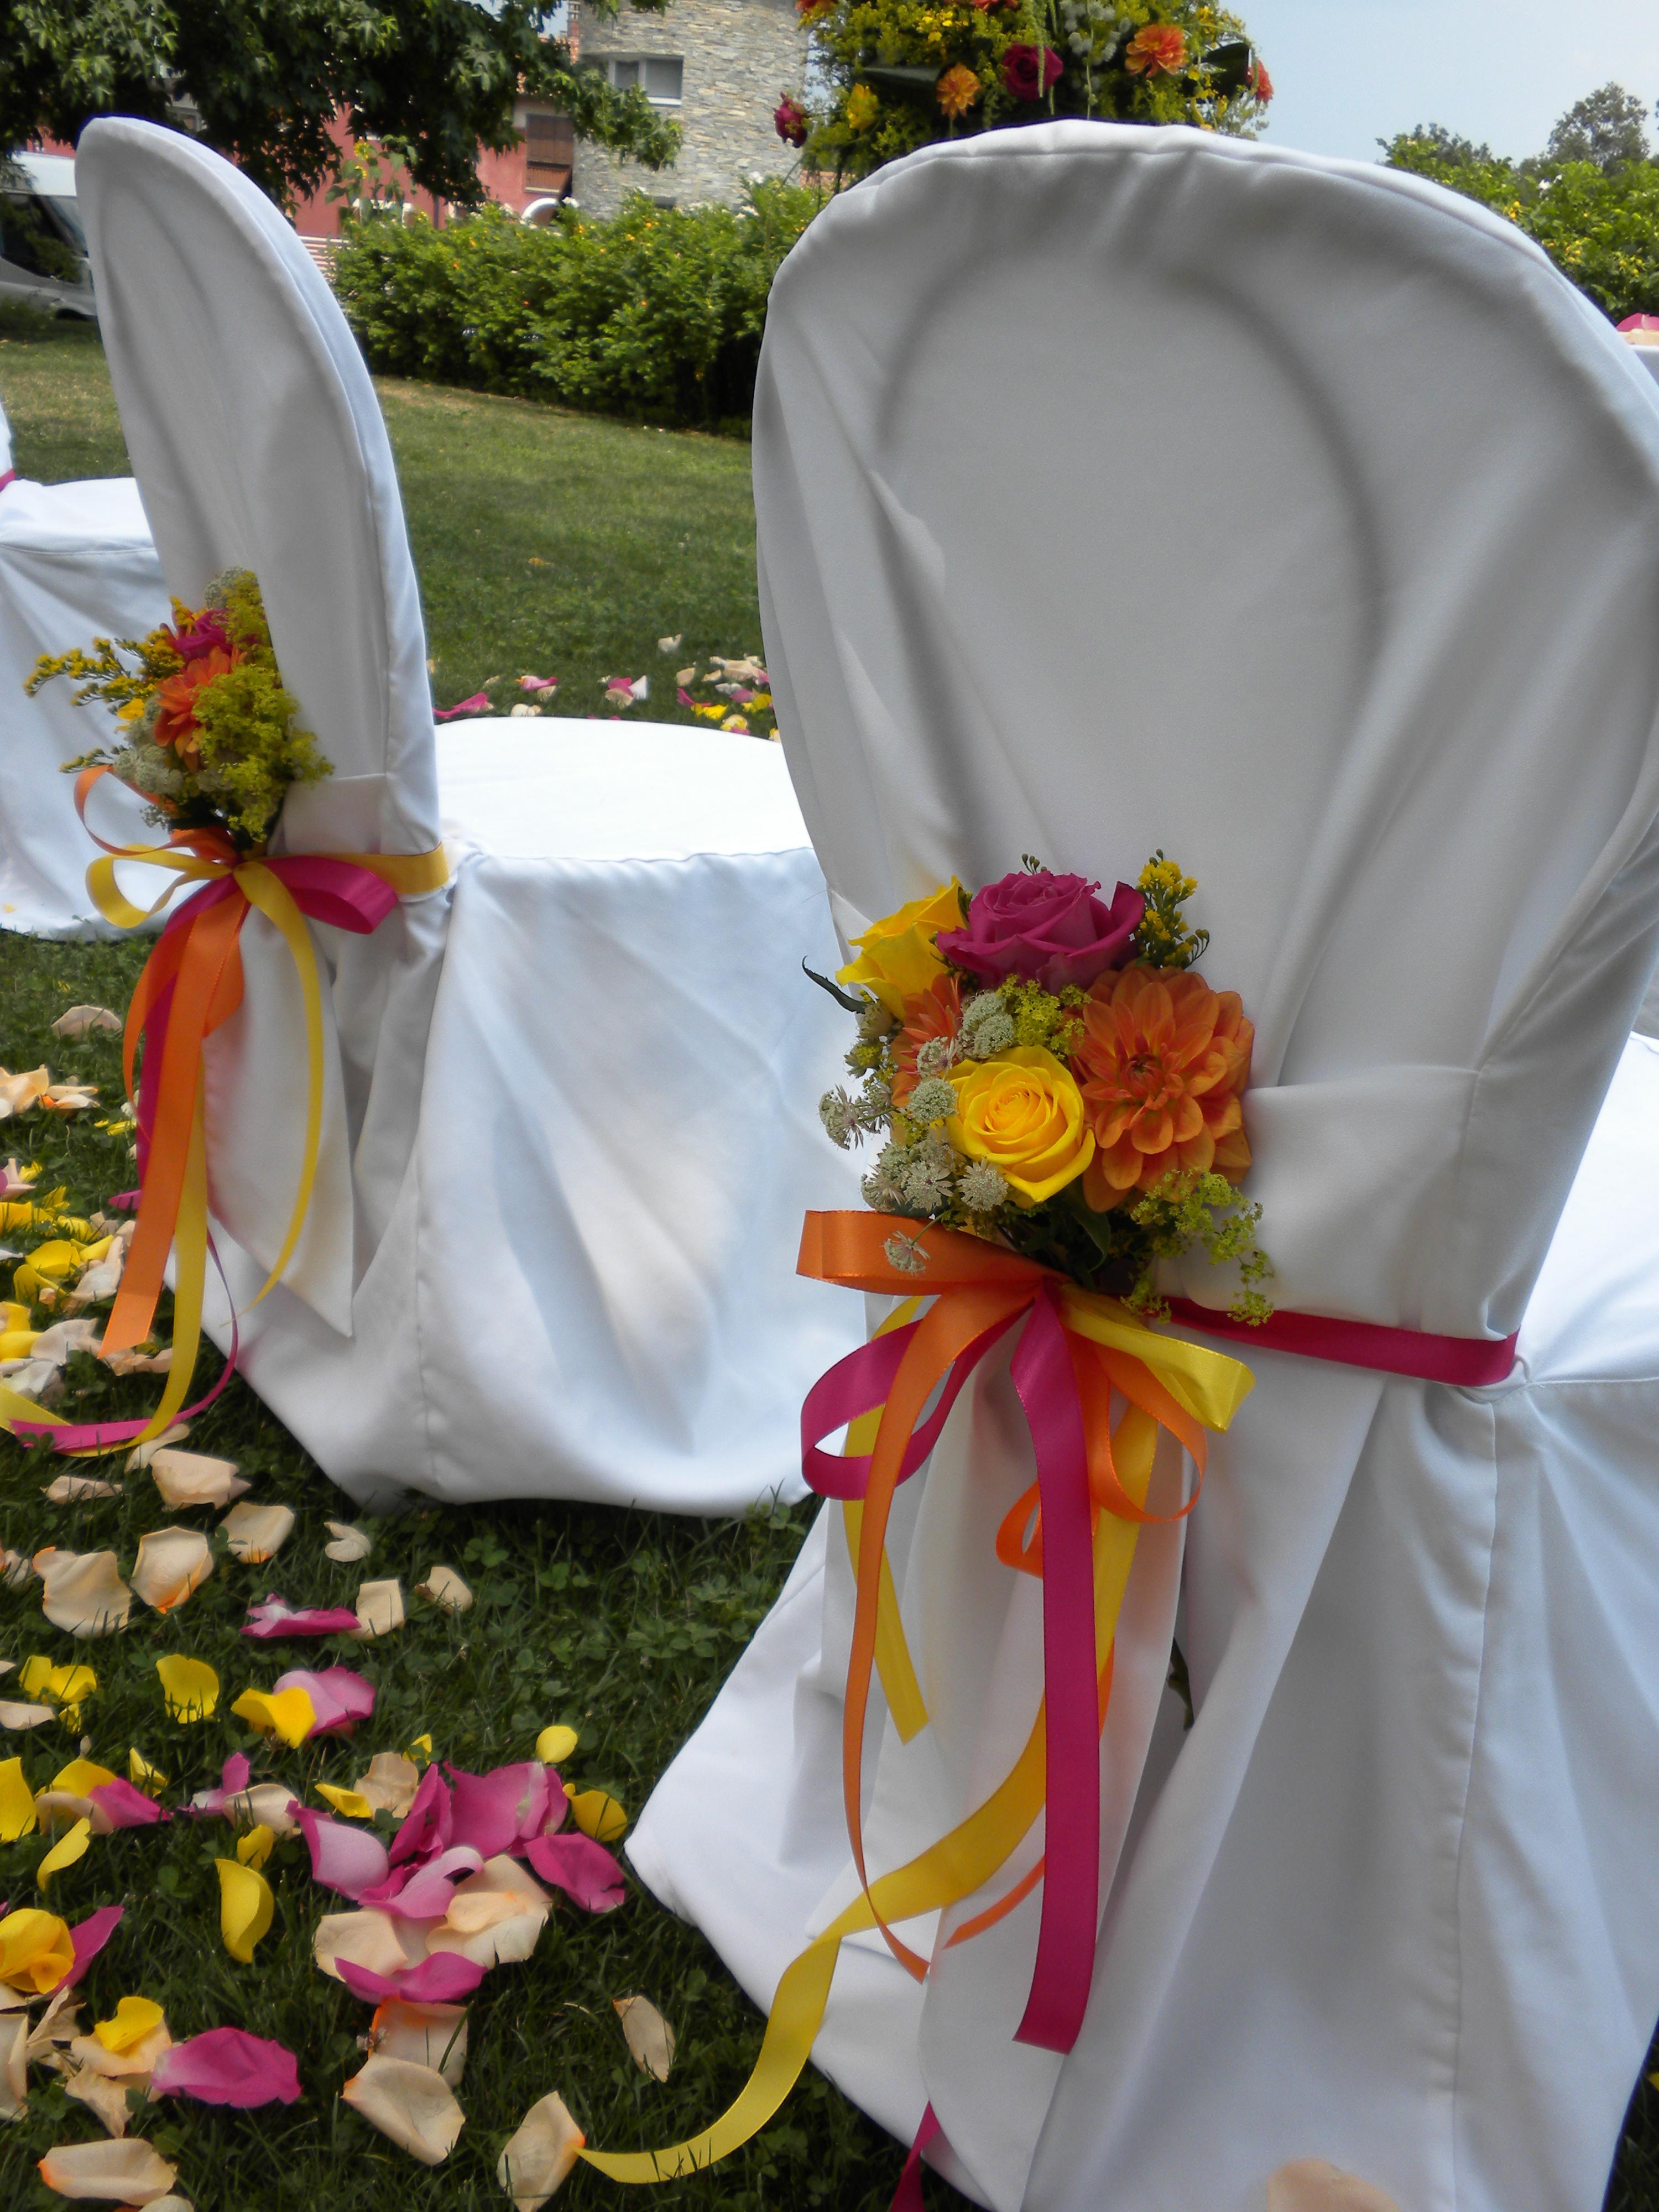 Fiori Gialli Per Matrimonio.Giallo Arancio Fuxia Fiori Per Matrimoni E Cerimonie Fioristeria